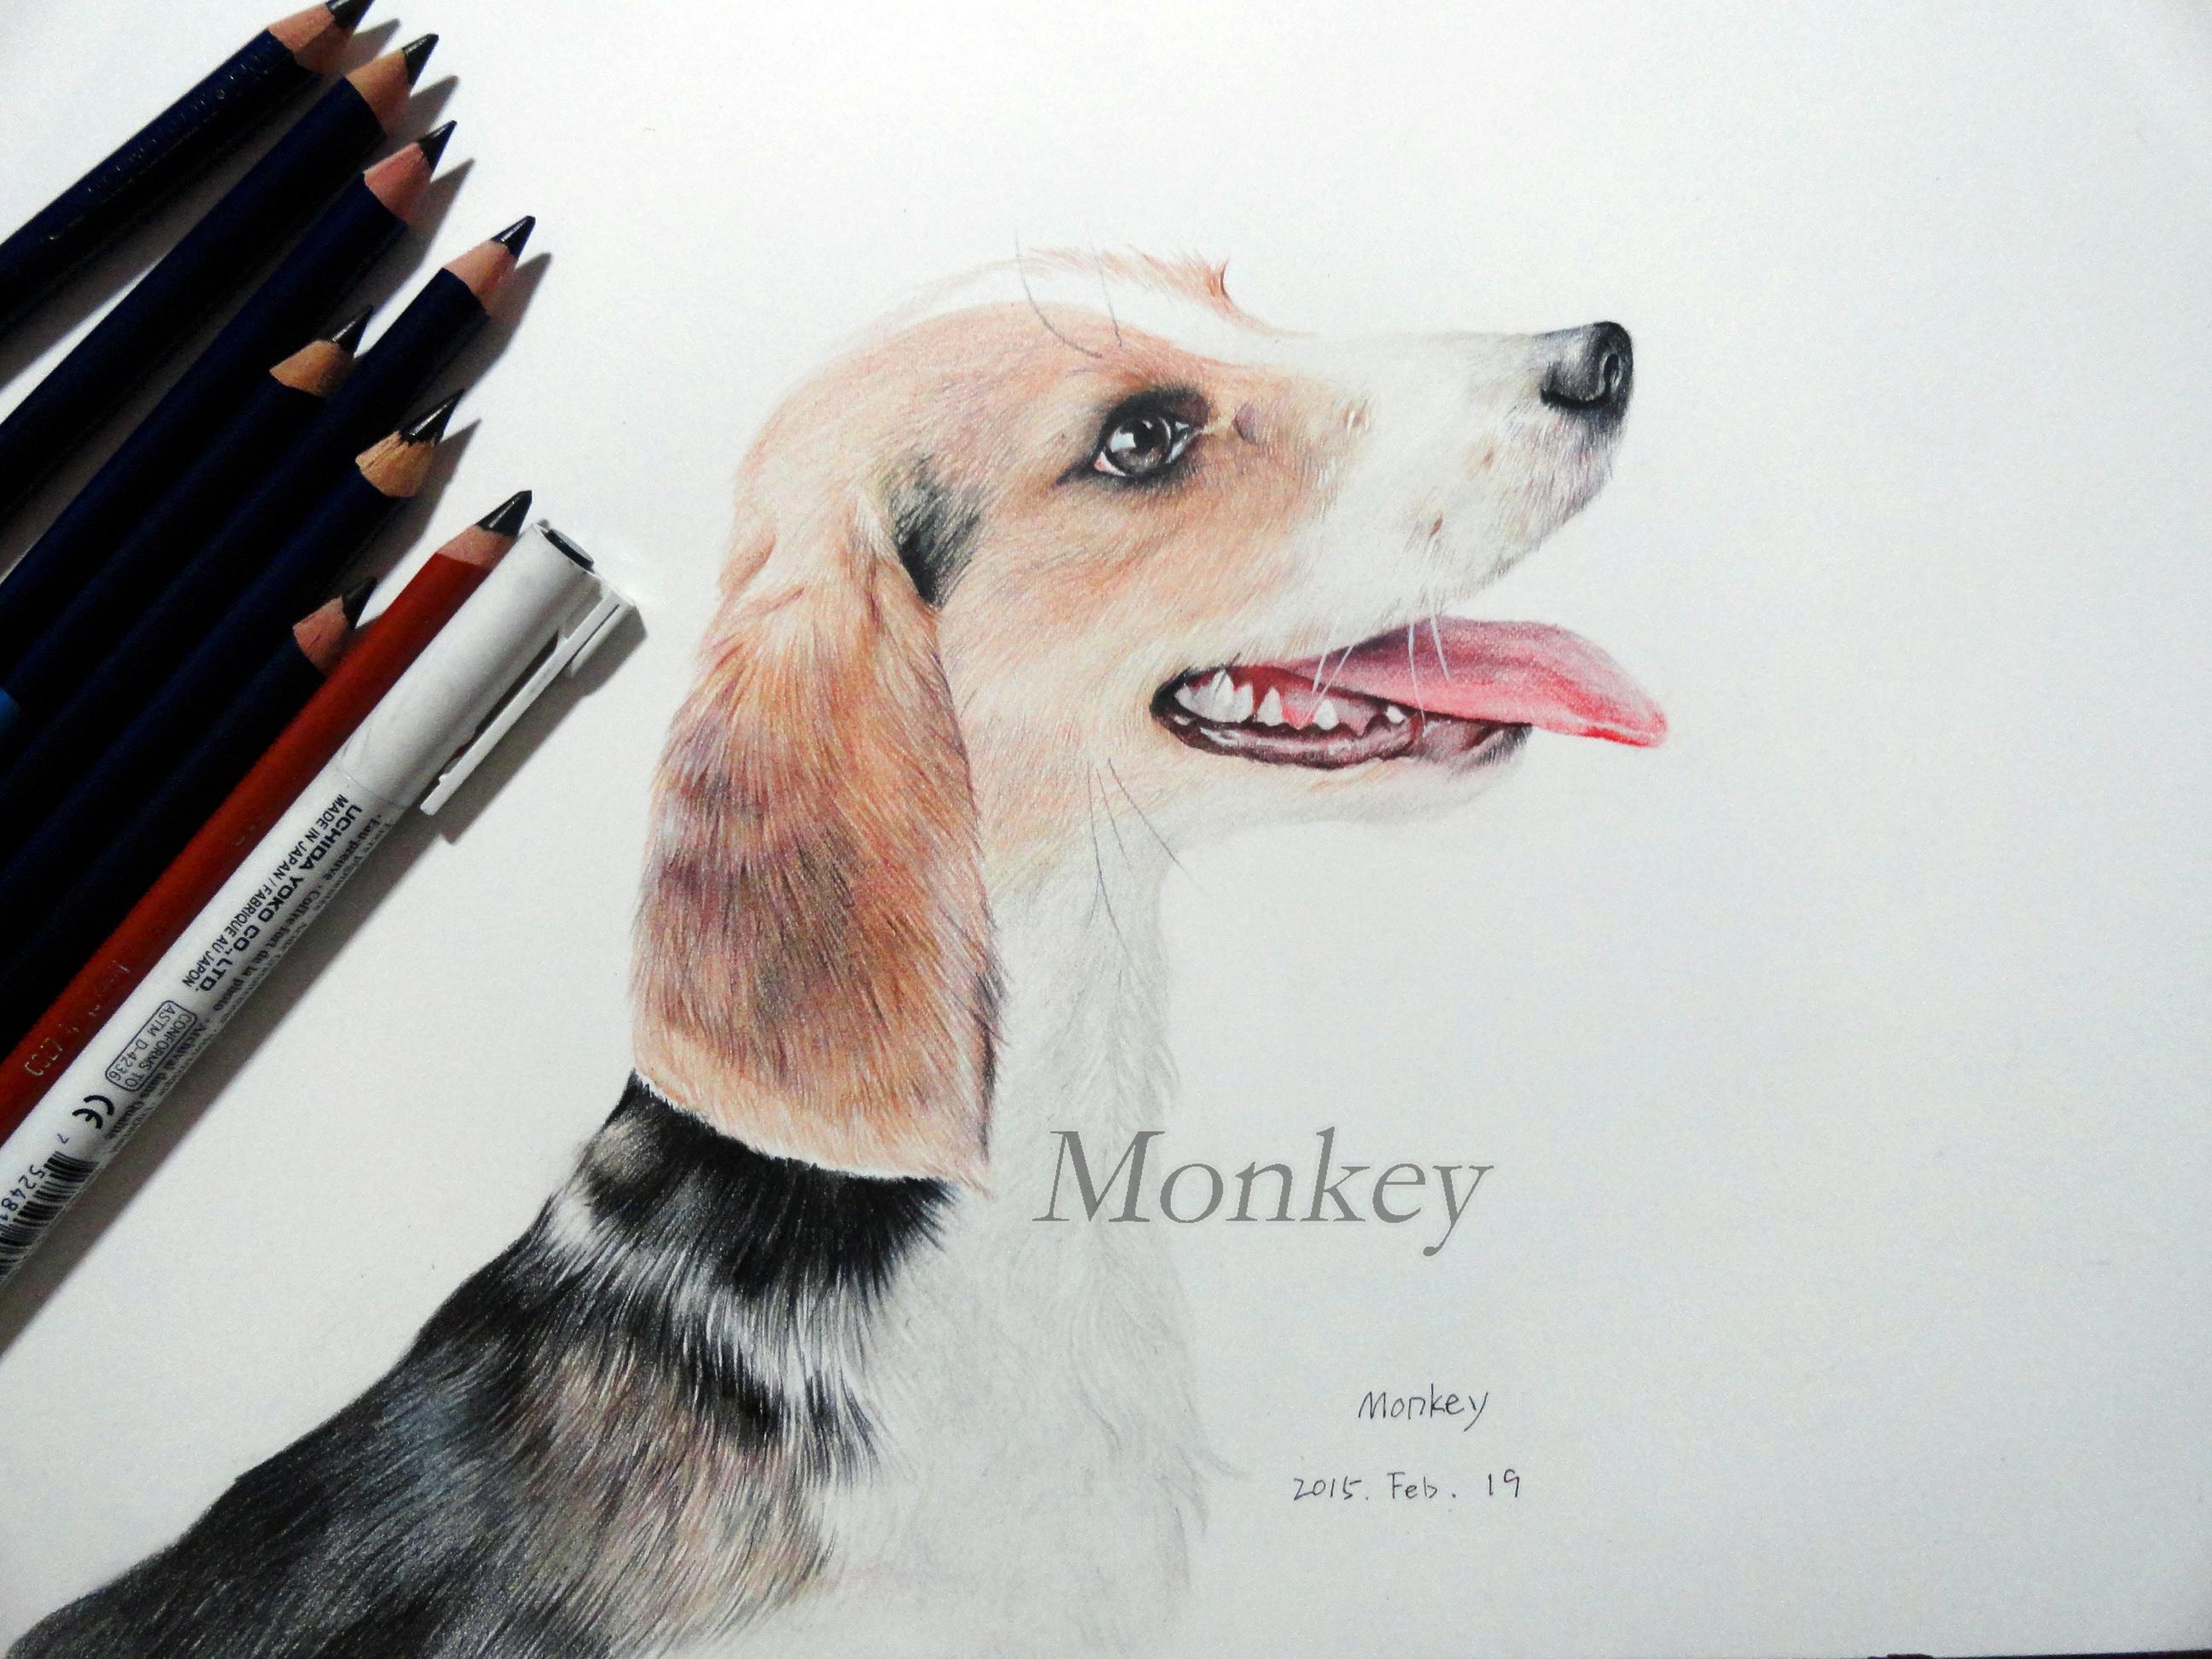 比格犬彩铅手绘